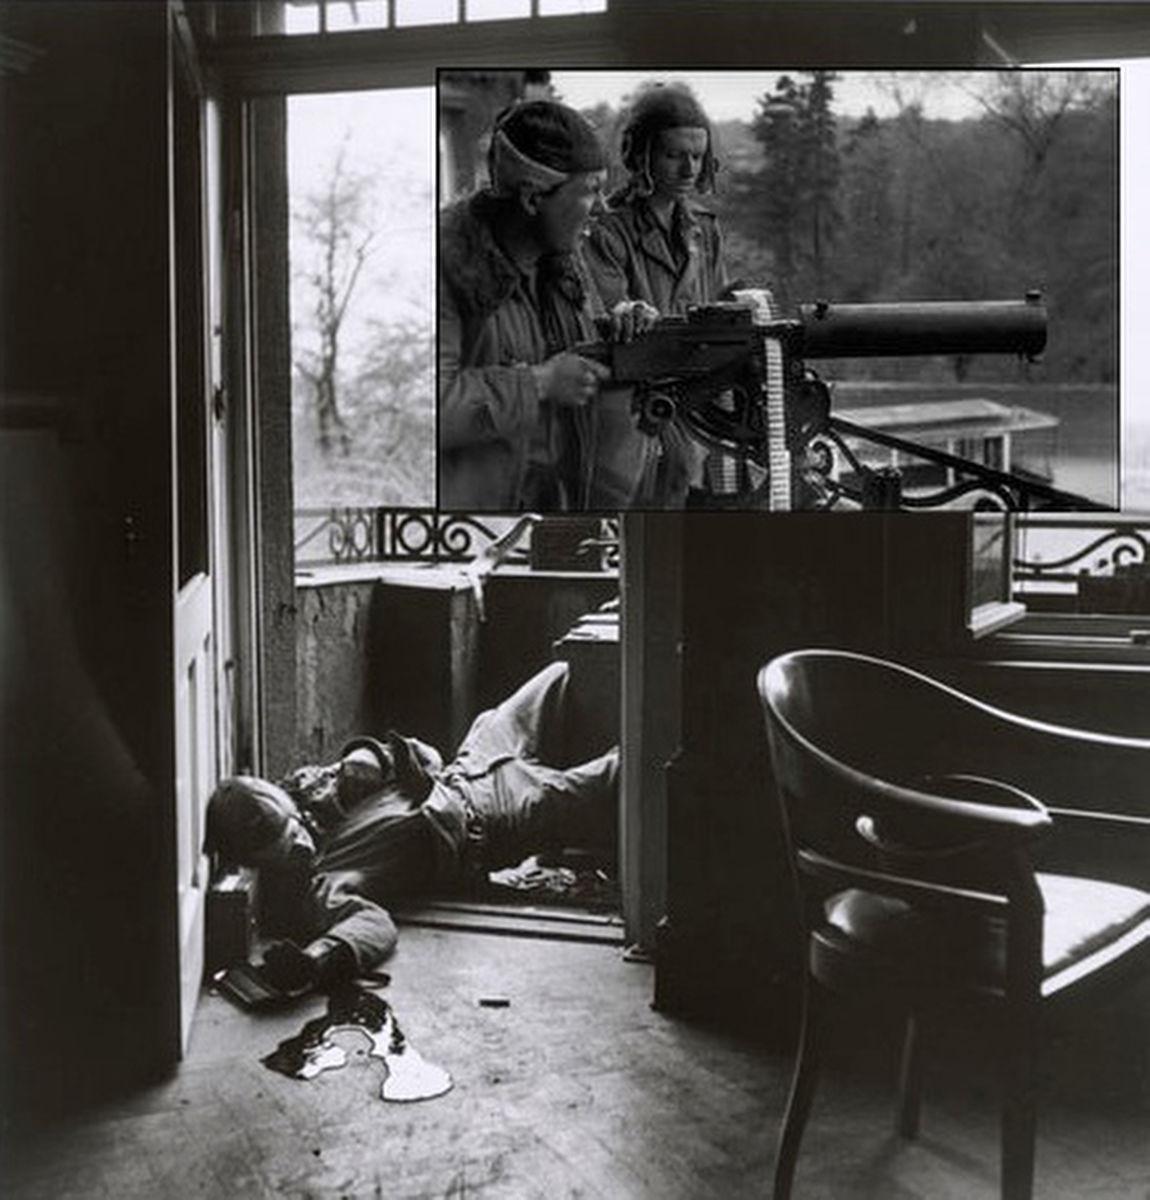 Az utolsó halott katona - Fotó: Robert Capa